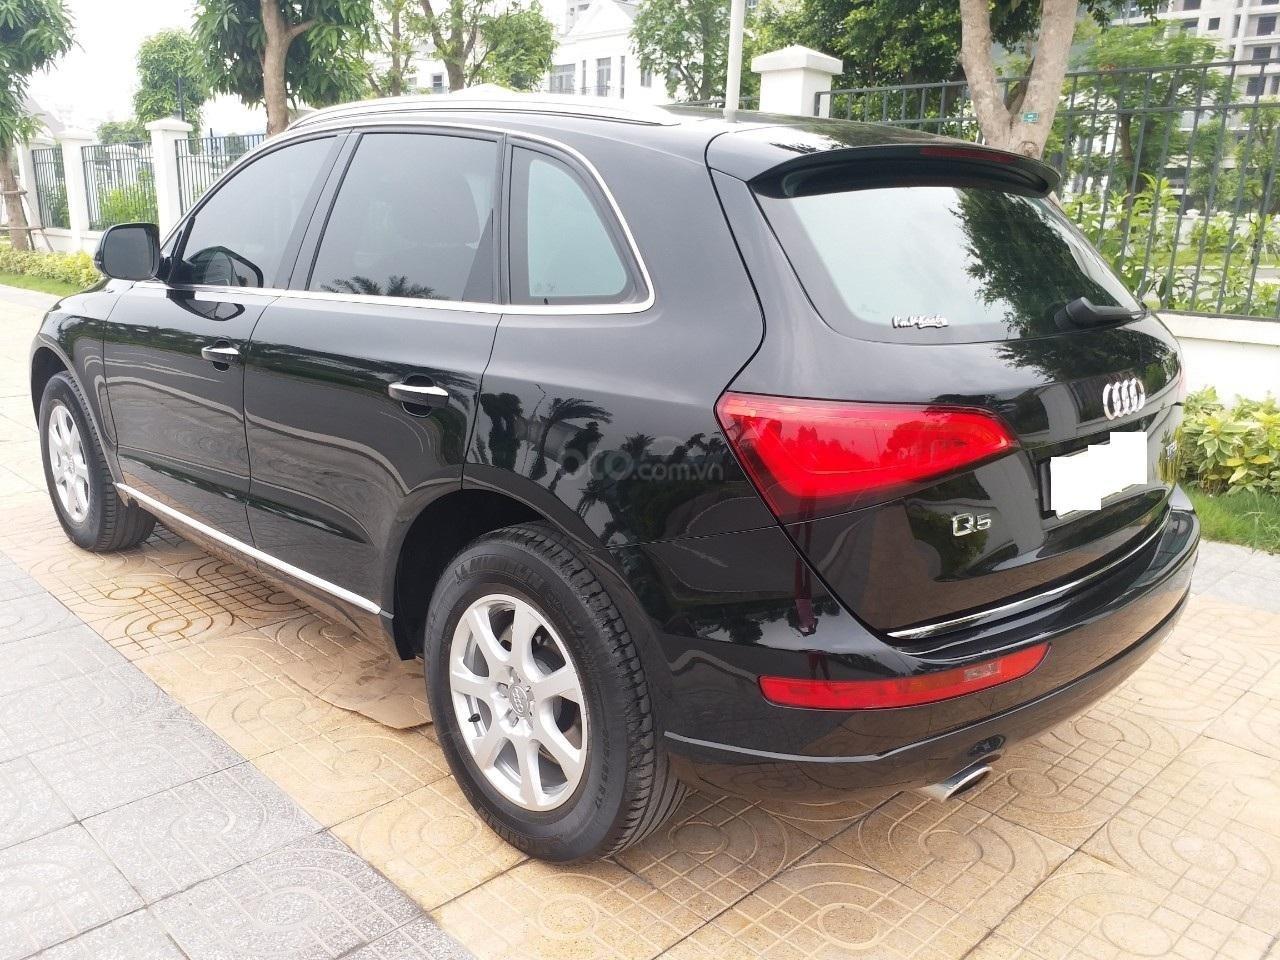 Bán Audi Q5 2.0 TFSI màu đen/ nâu, sản xuất cuối 2015 nhập Đức, đăng ký 2016 tên tư nhân (6)